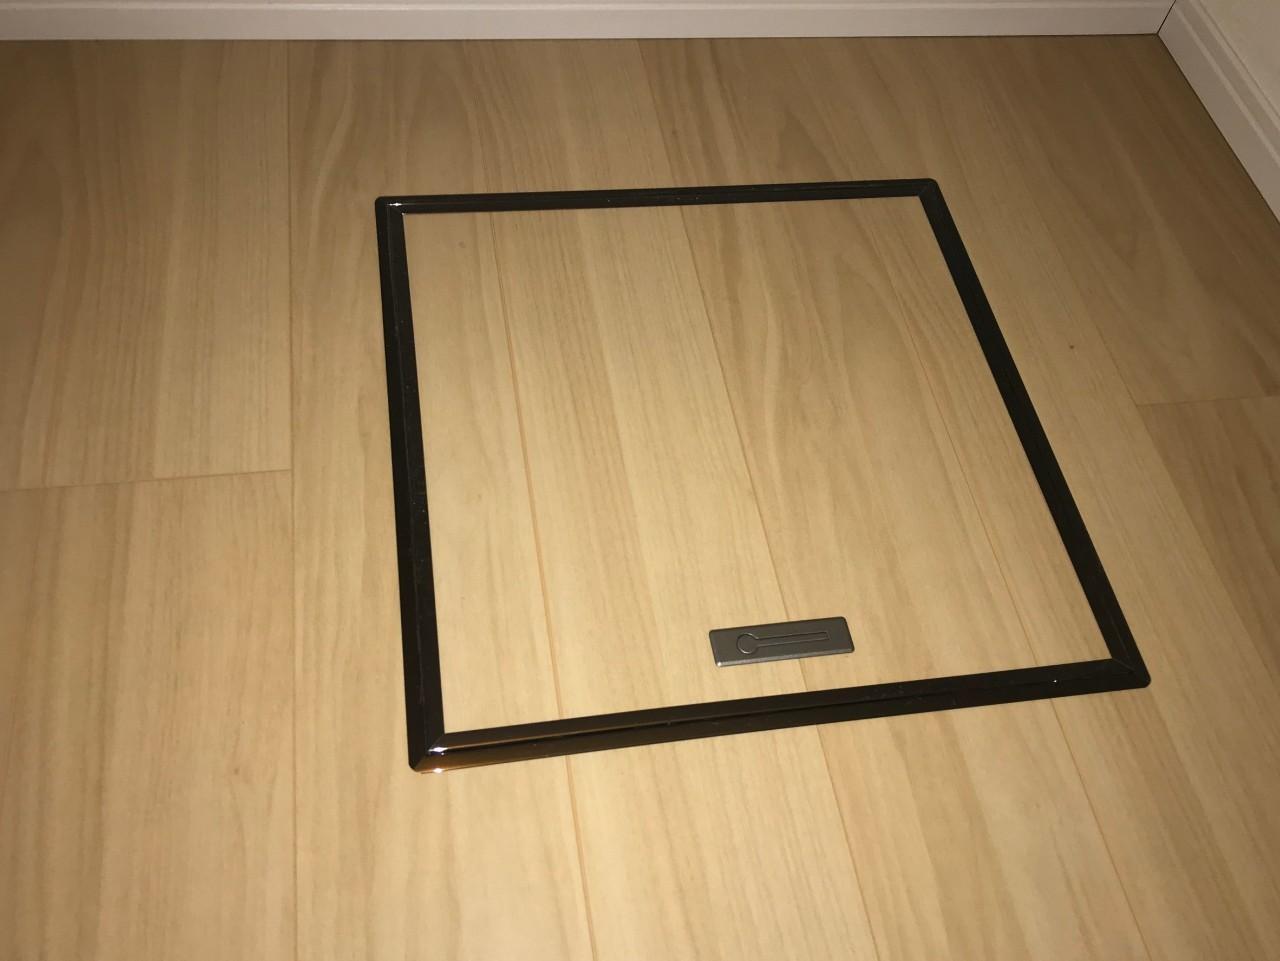 その他、床下収納の設置なども対応しております。